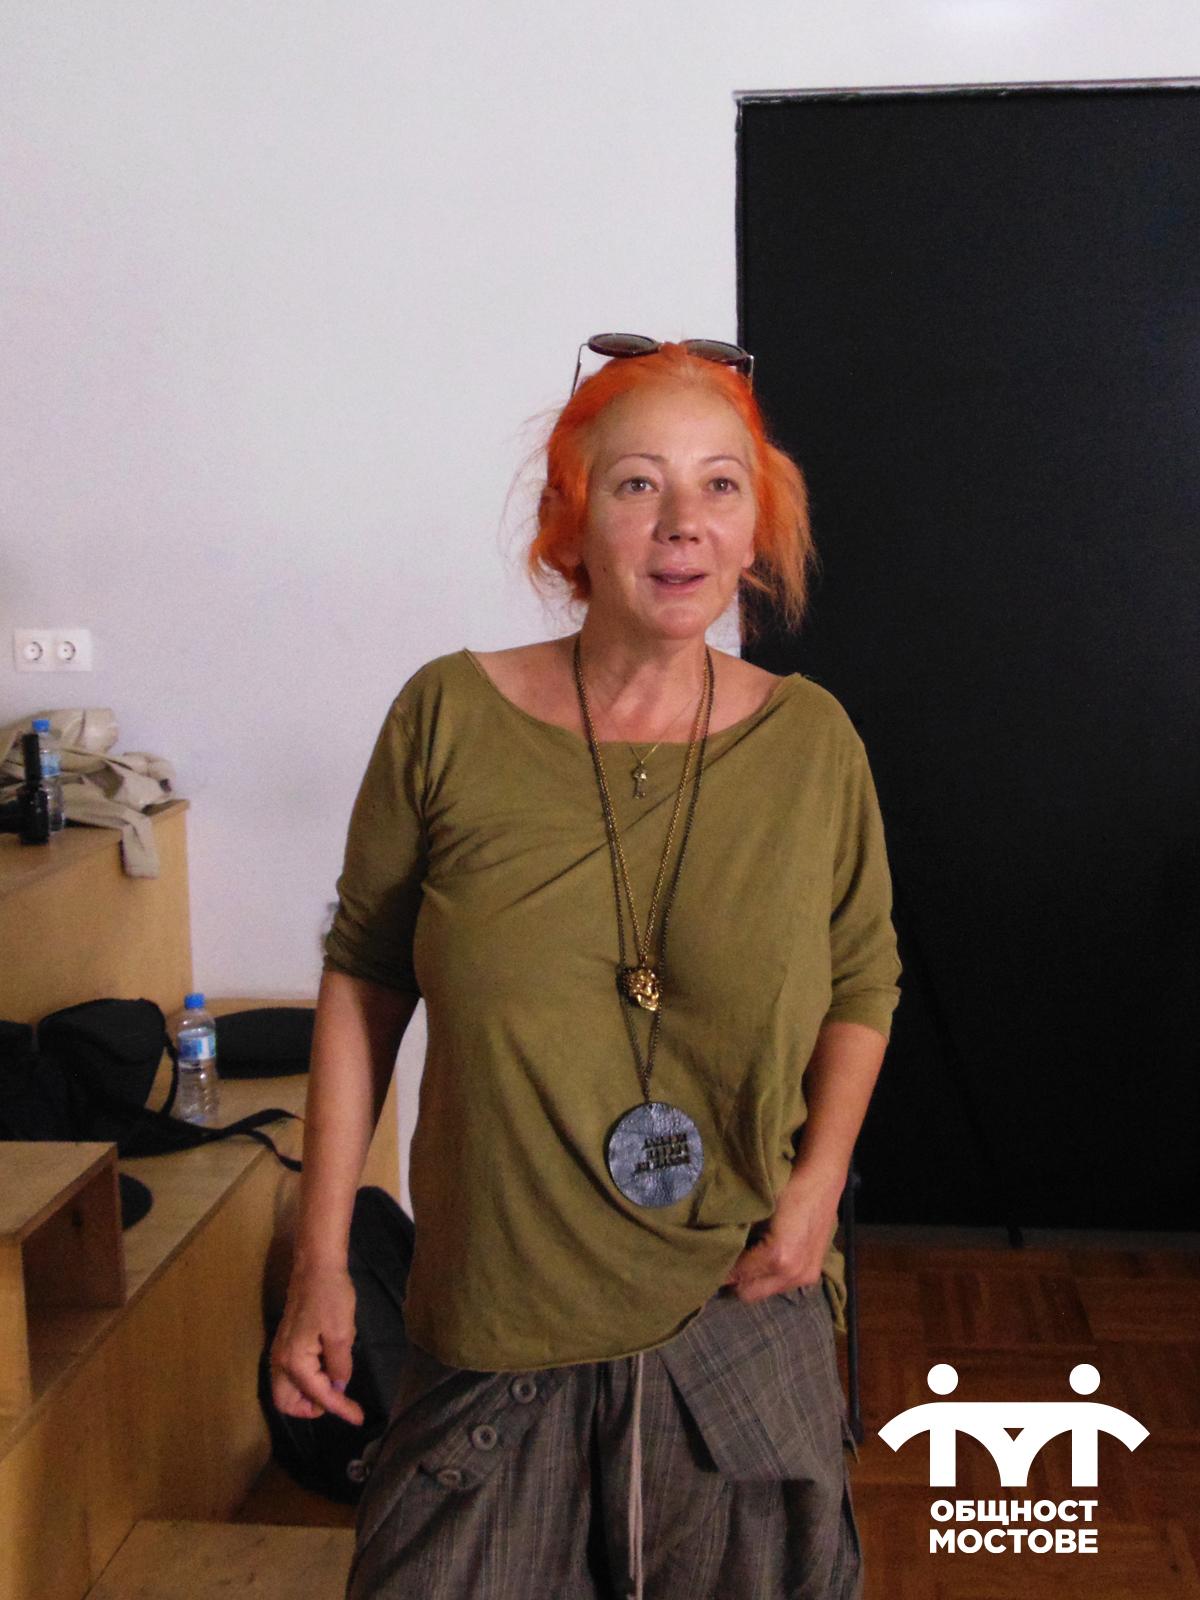 Част от снимачния ден. Аделина Банакиева, част от екипа на сдружение Общност Мостове.